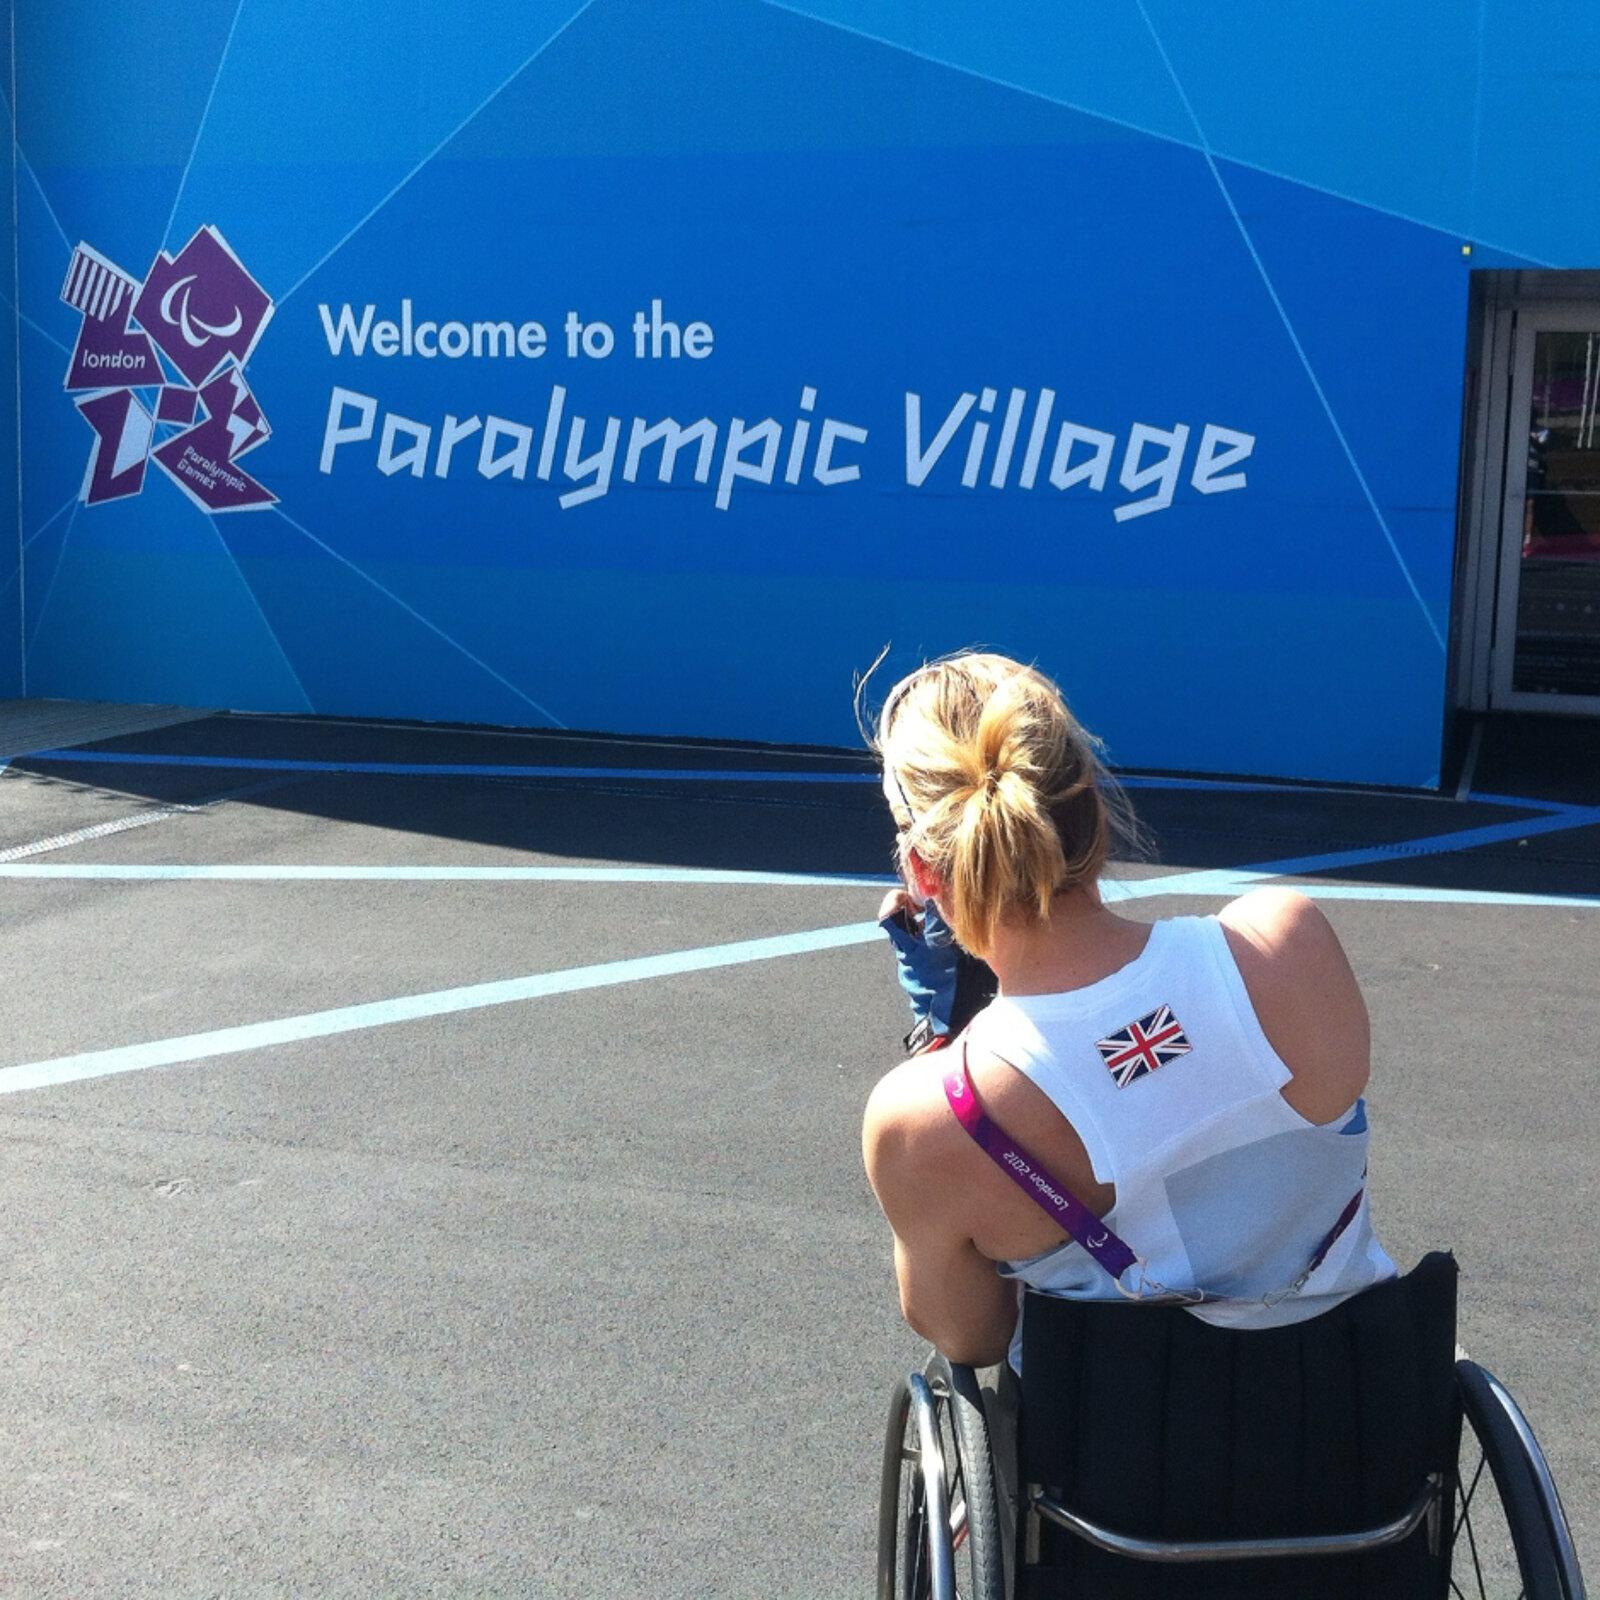 Karen at the London 2012 Paralympics